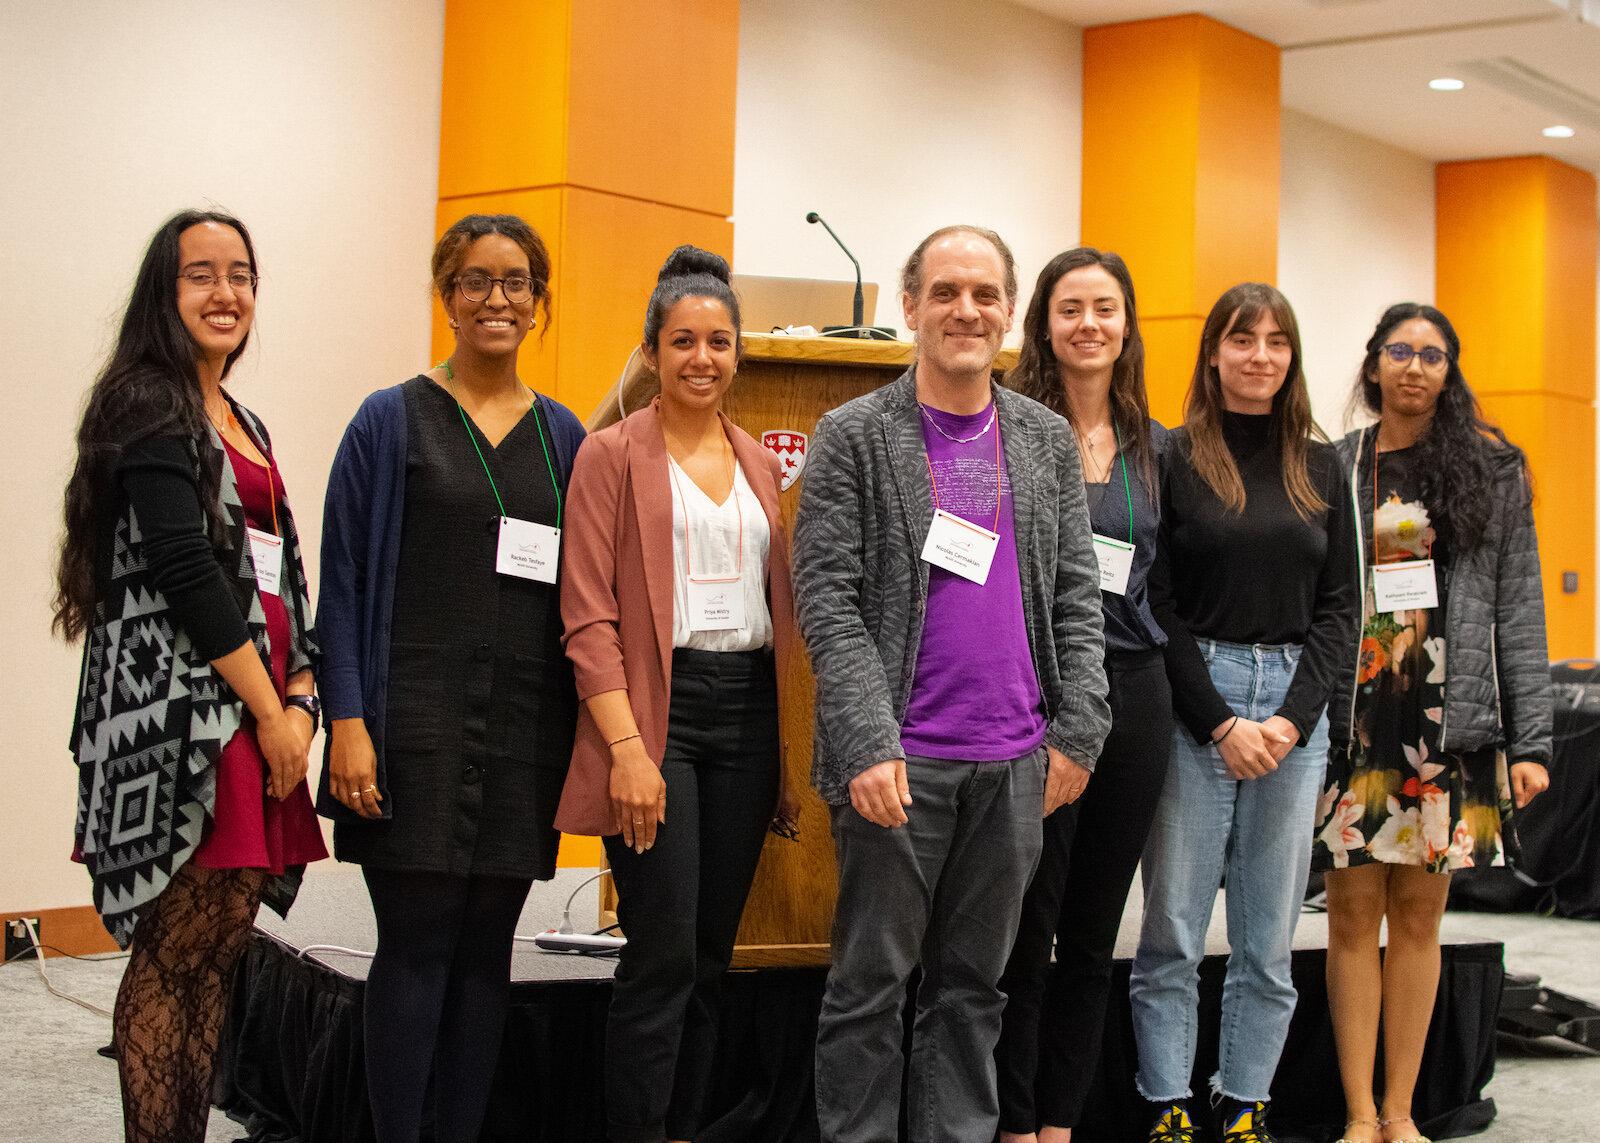 Prix d'excellence étudiants De gauche à droite: Hannah de los Santos, Rackeb Tesfaye, Priya Mistry, Nicolas Cermakian, Cristine Reitz, Claire Gizowski, Kathyani Parasram